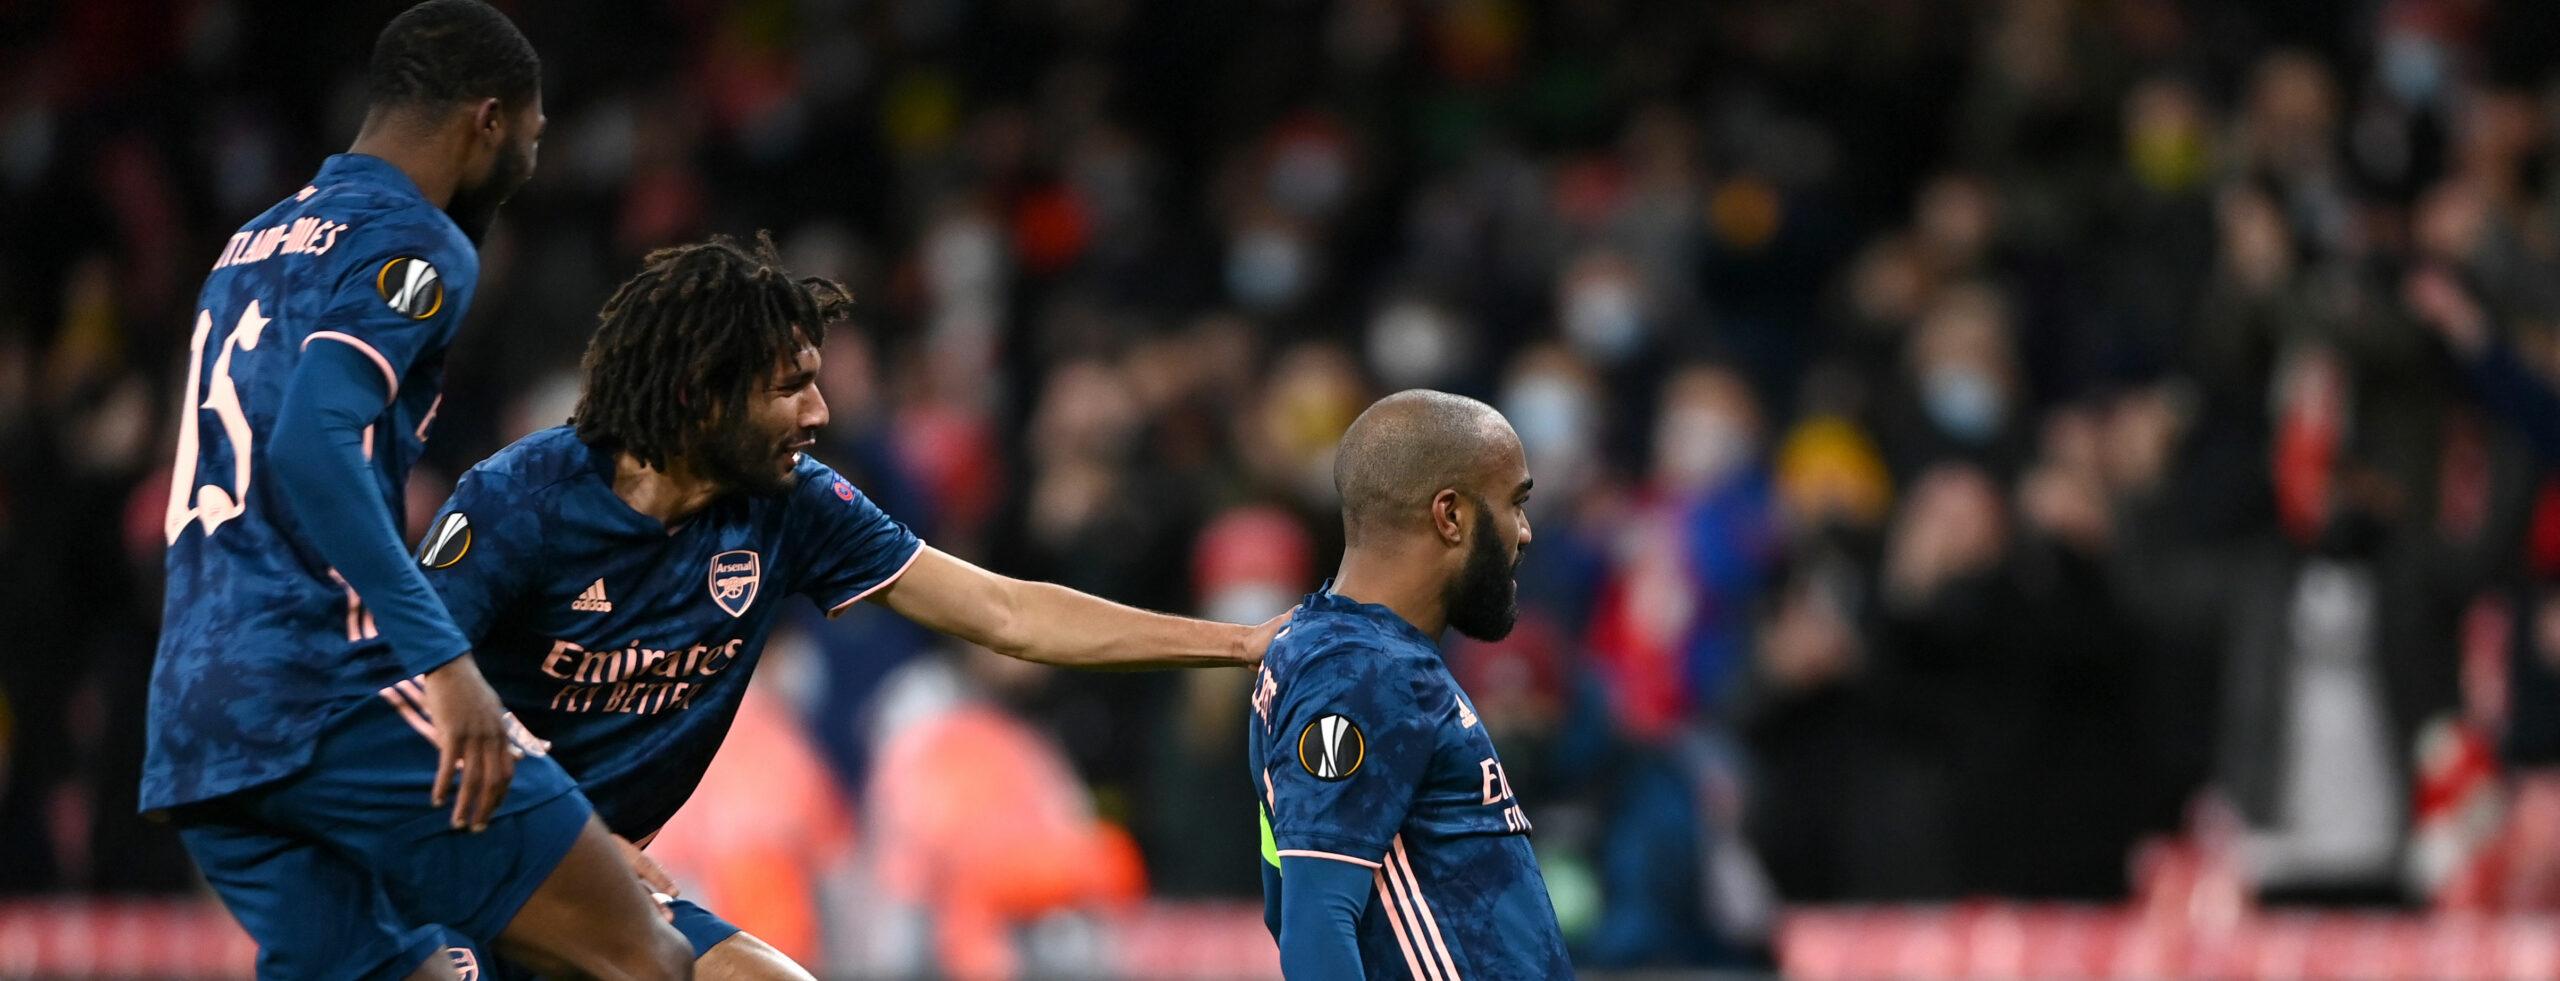 Arsenal – Manchester United: Plötzlich läuft's bei den Gunners